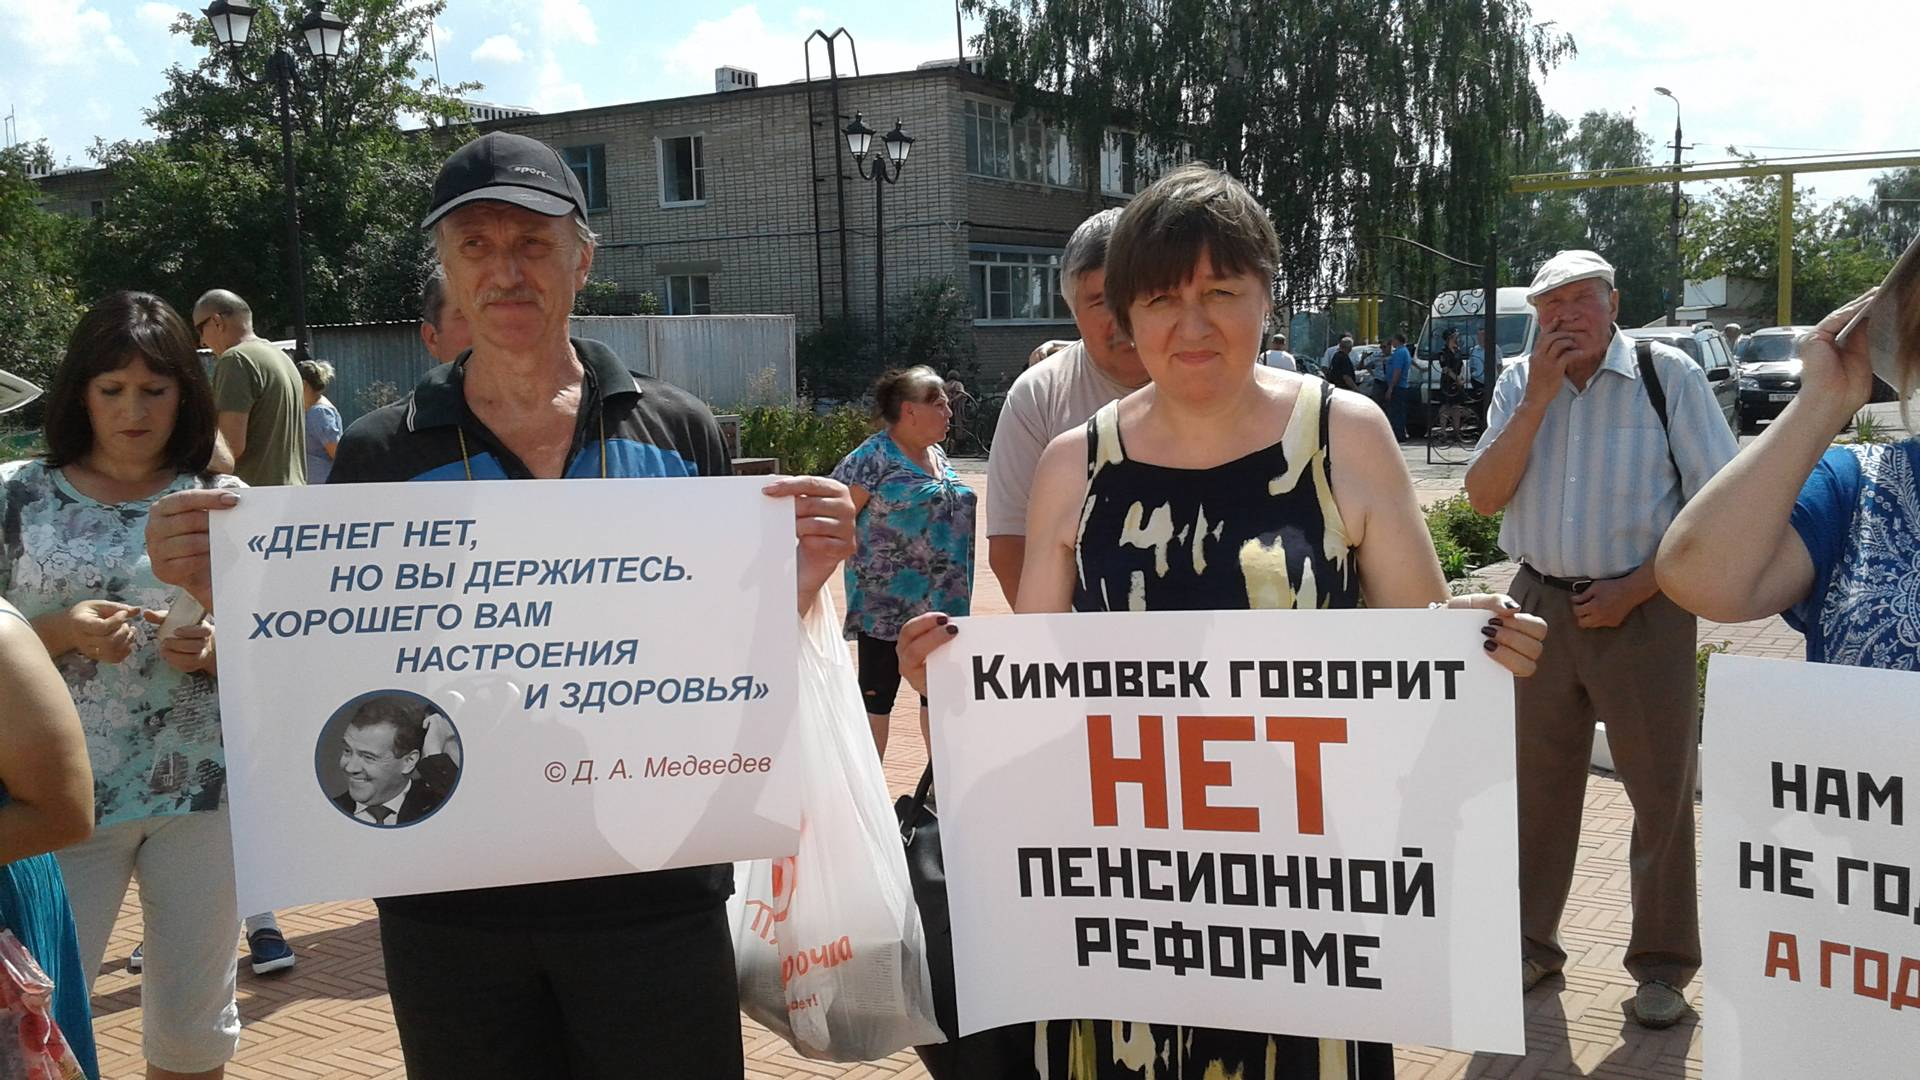 Кимовчане против пенсионной реформы